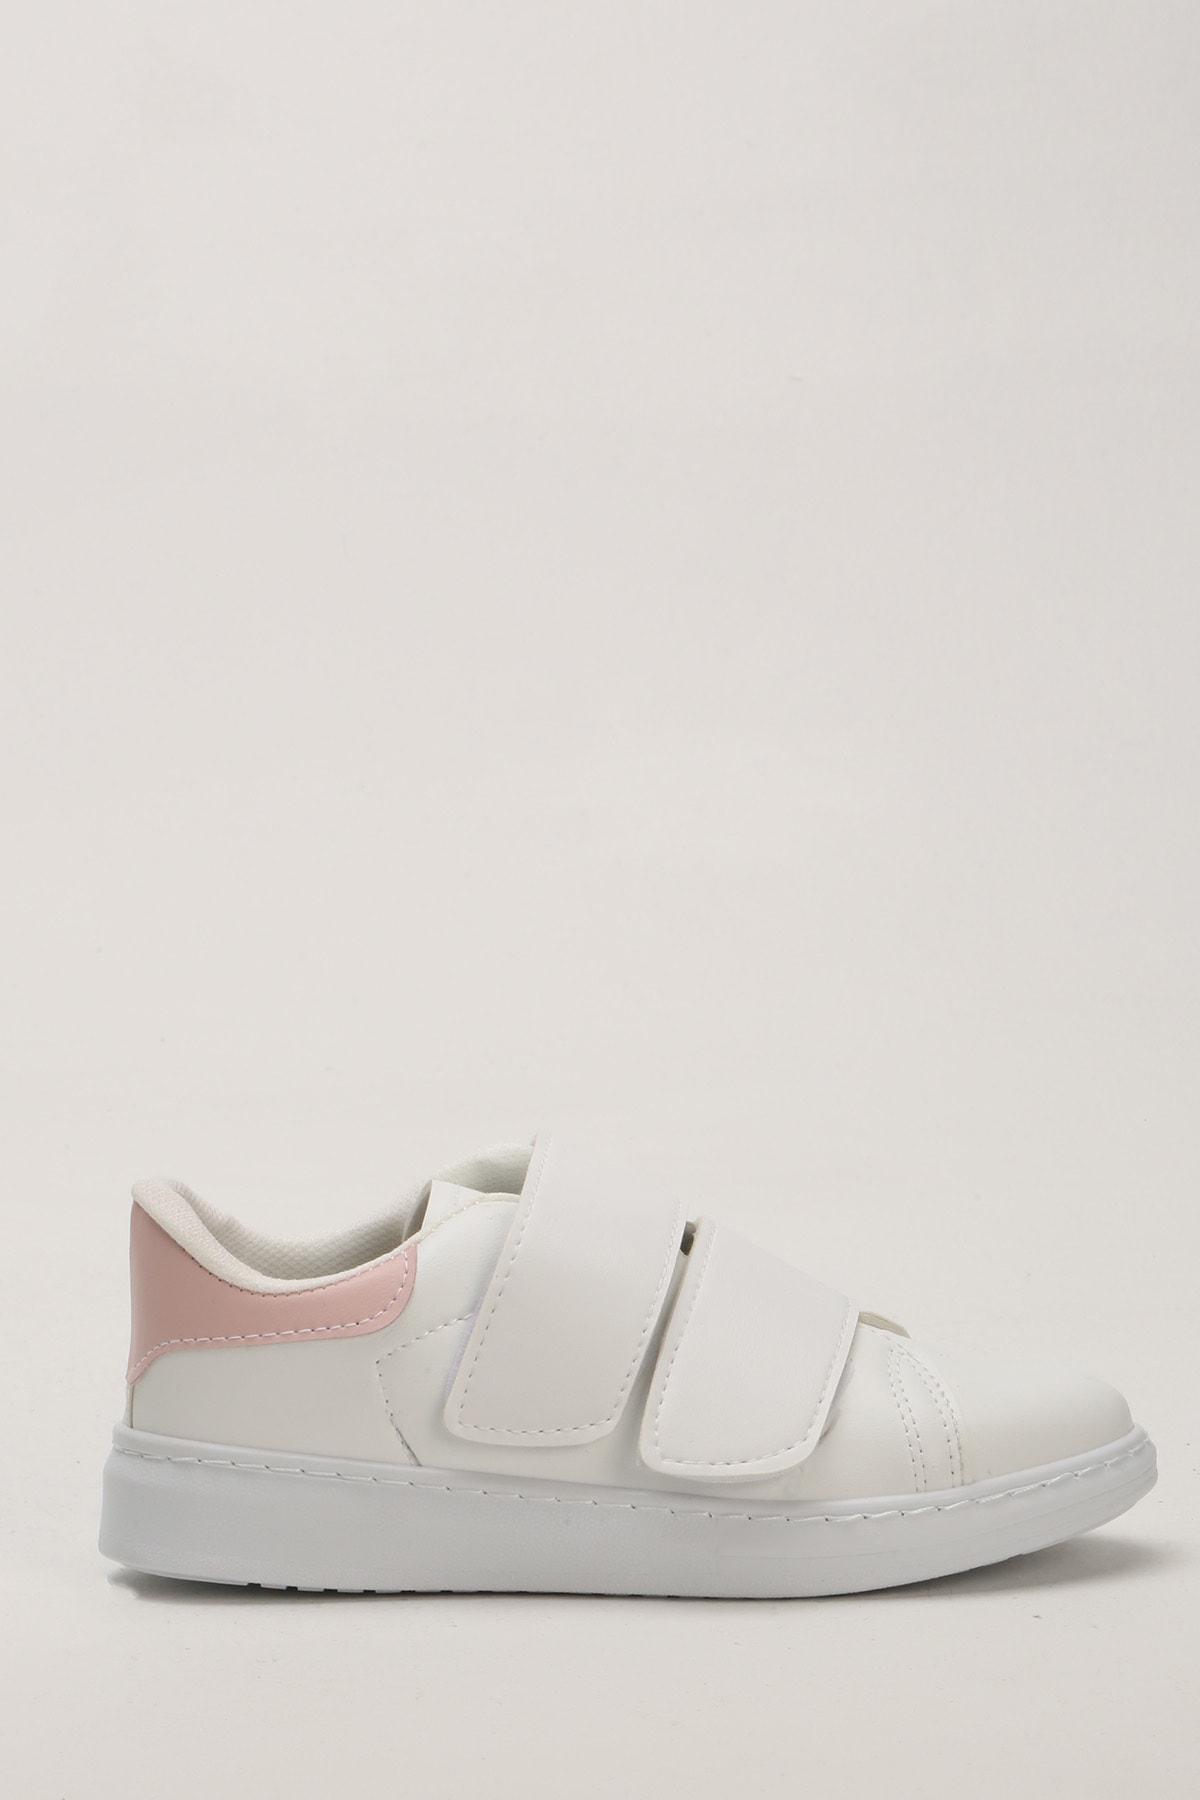 Ayakkabı Modası Beyaz Pudra Kadın Spor Ayakkabı M4000-19-101003R